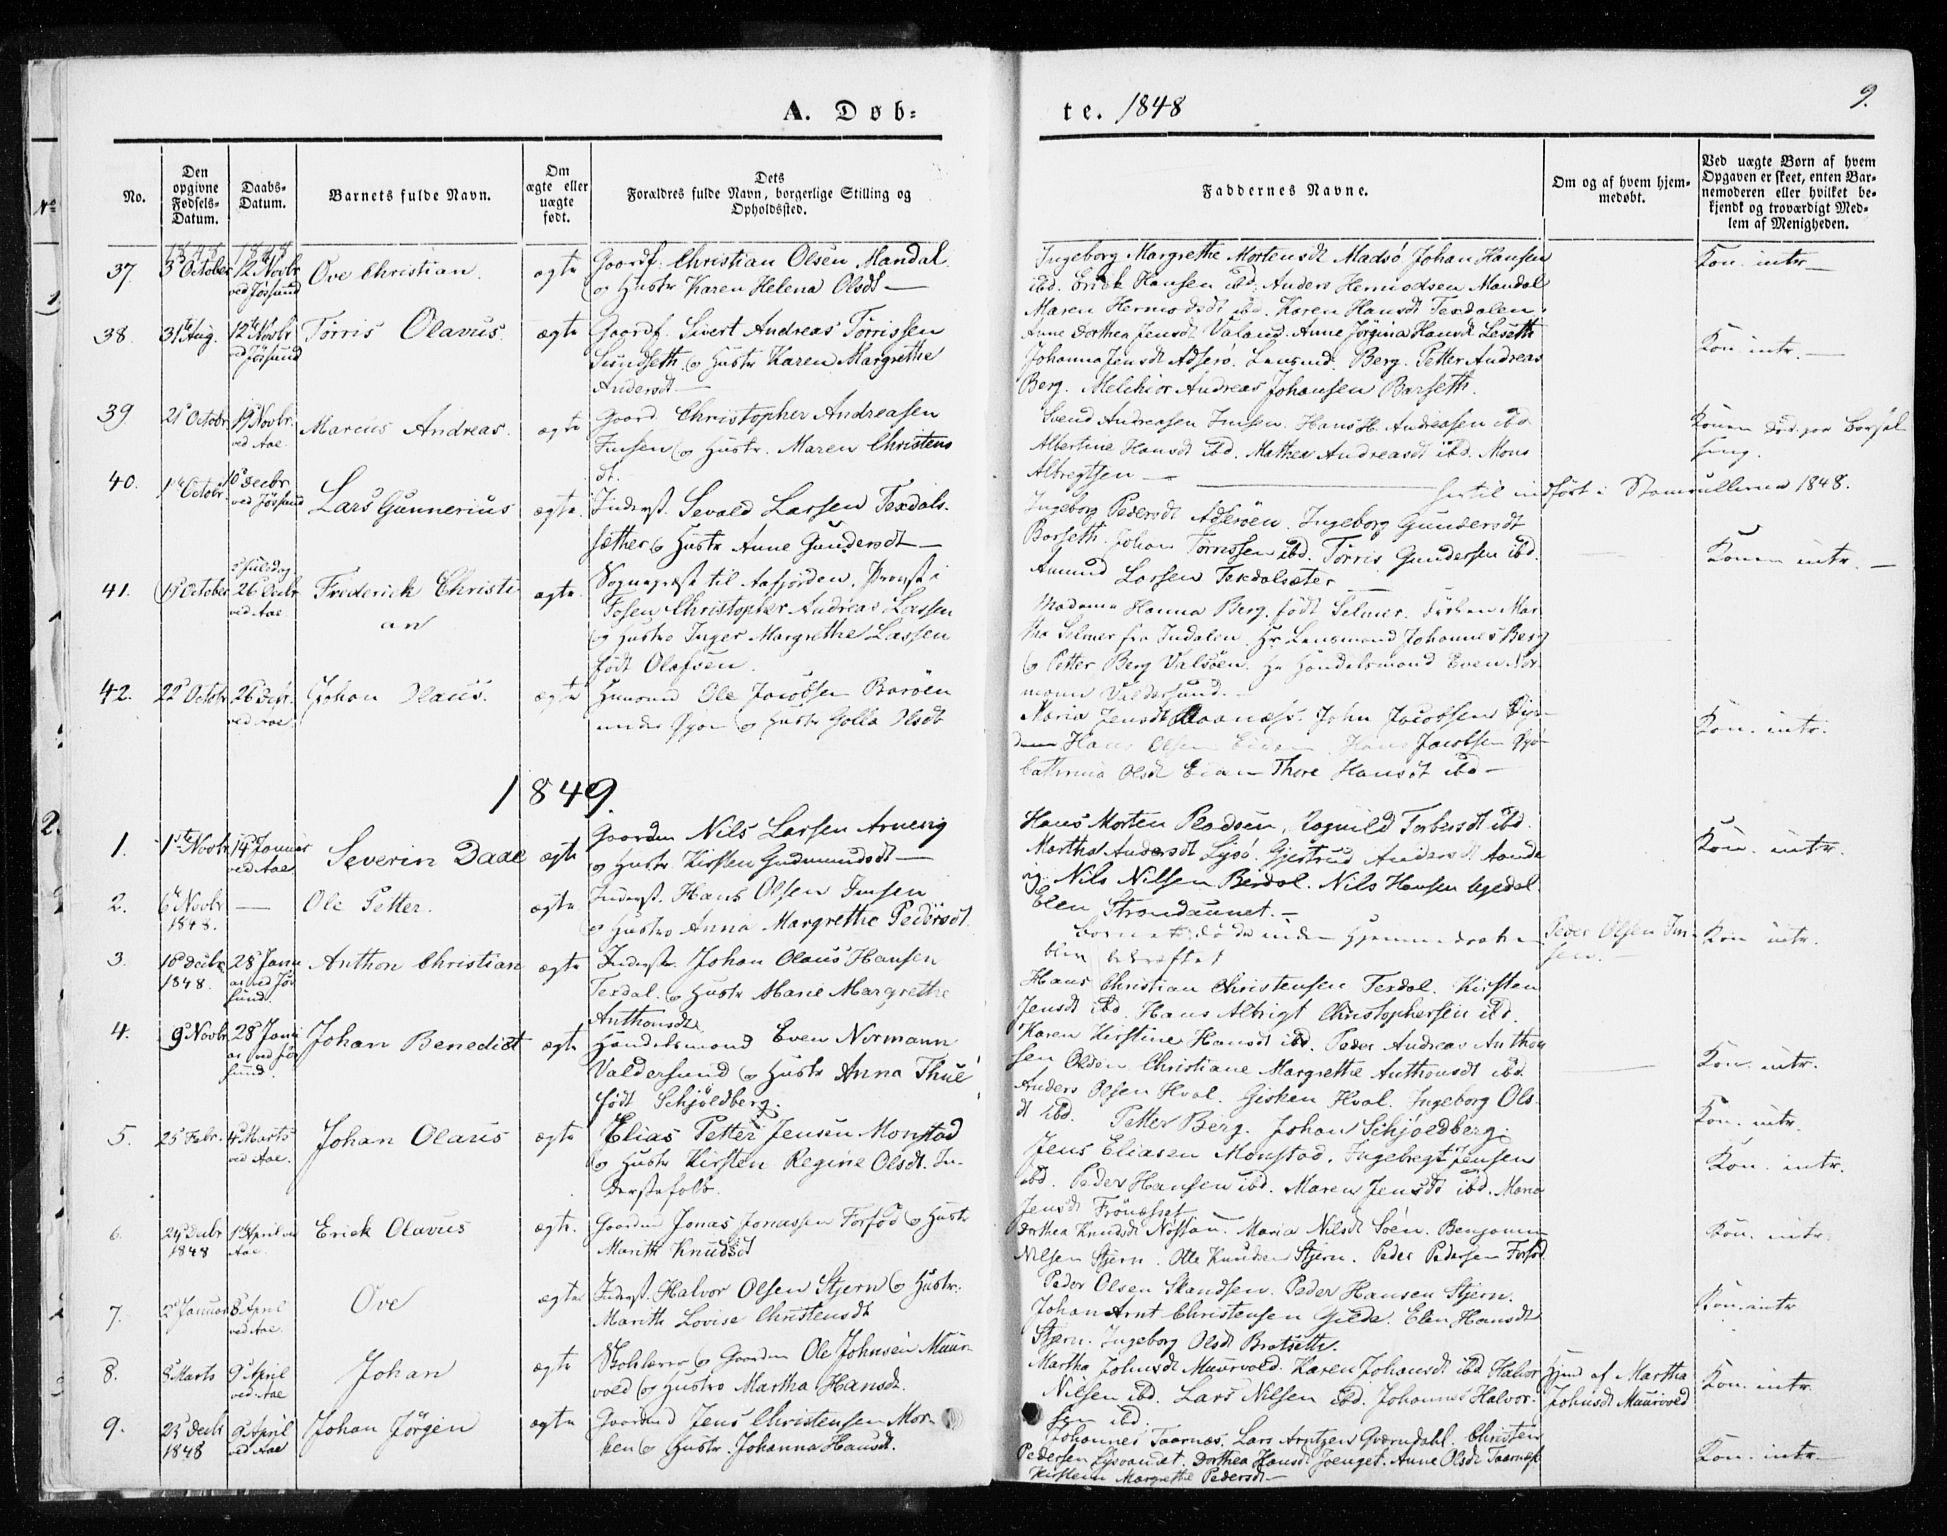 SAT, Ministerialprotokoller, klokkerbøker og fødselsregistre - Sør-Trøndelag, 655/L0677: Ministerialbok nr. 655A06, 1847-1860, s. 9